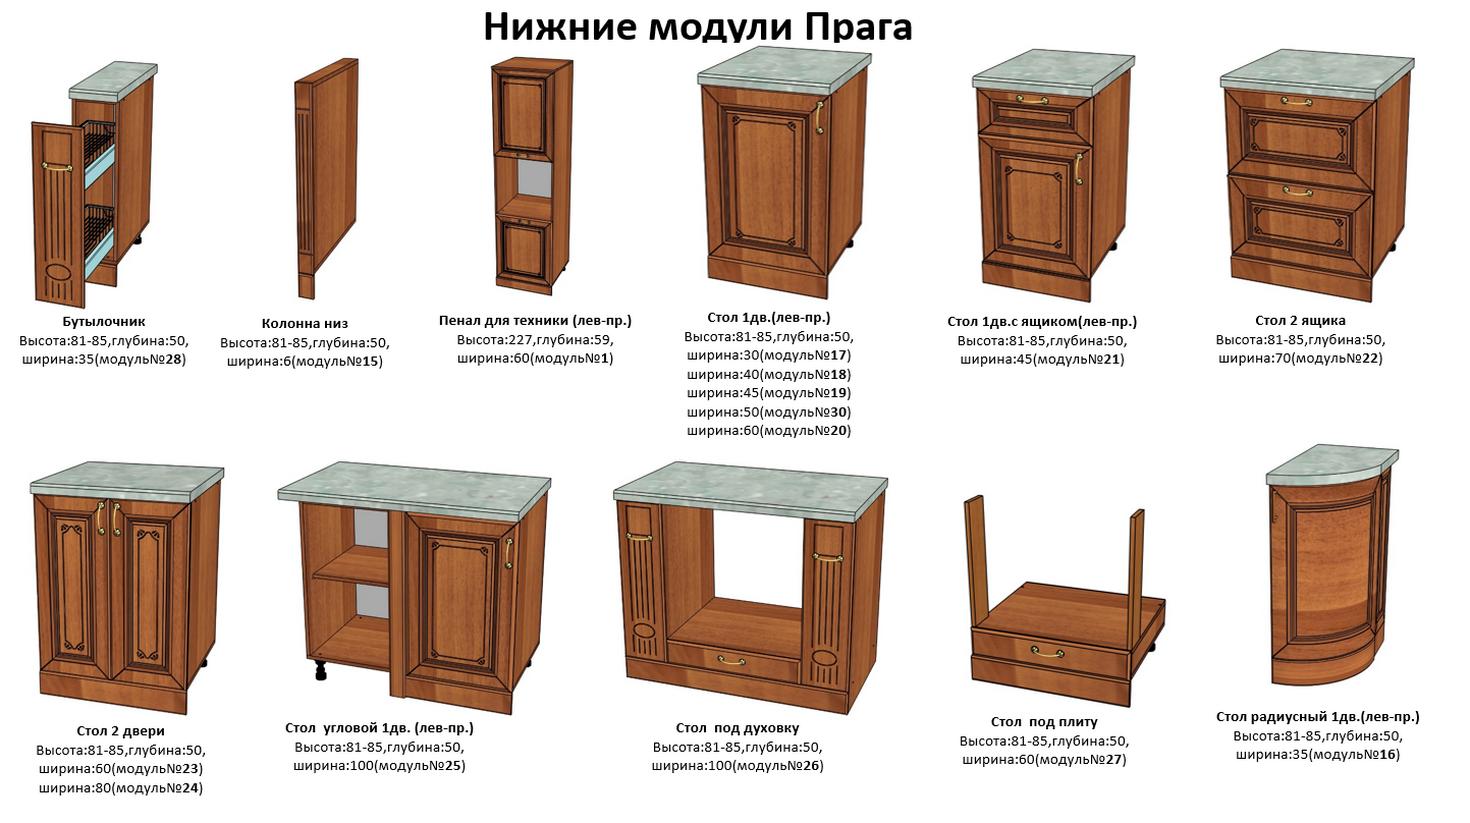 Нижние модули Праги